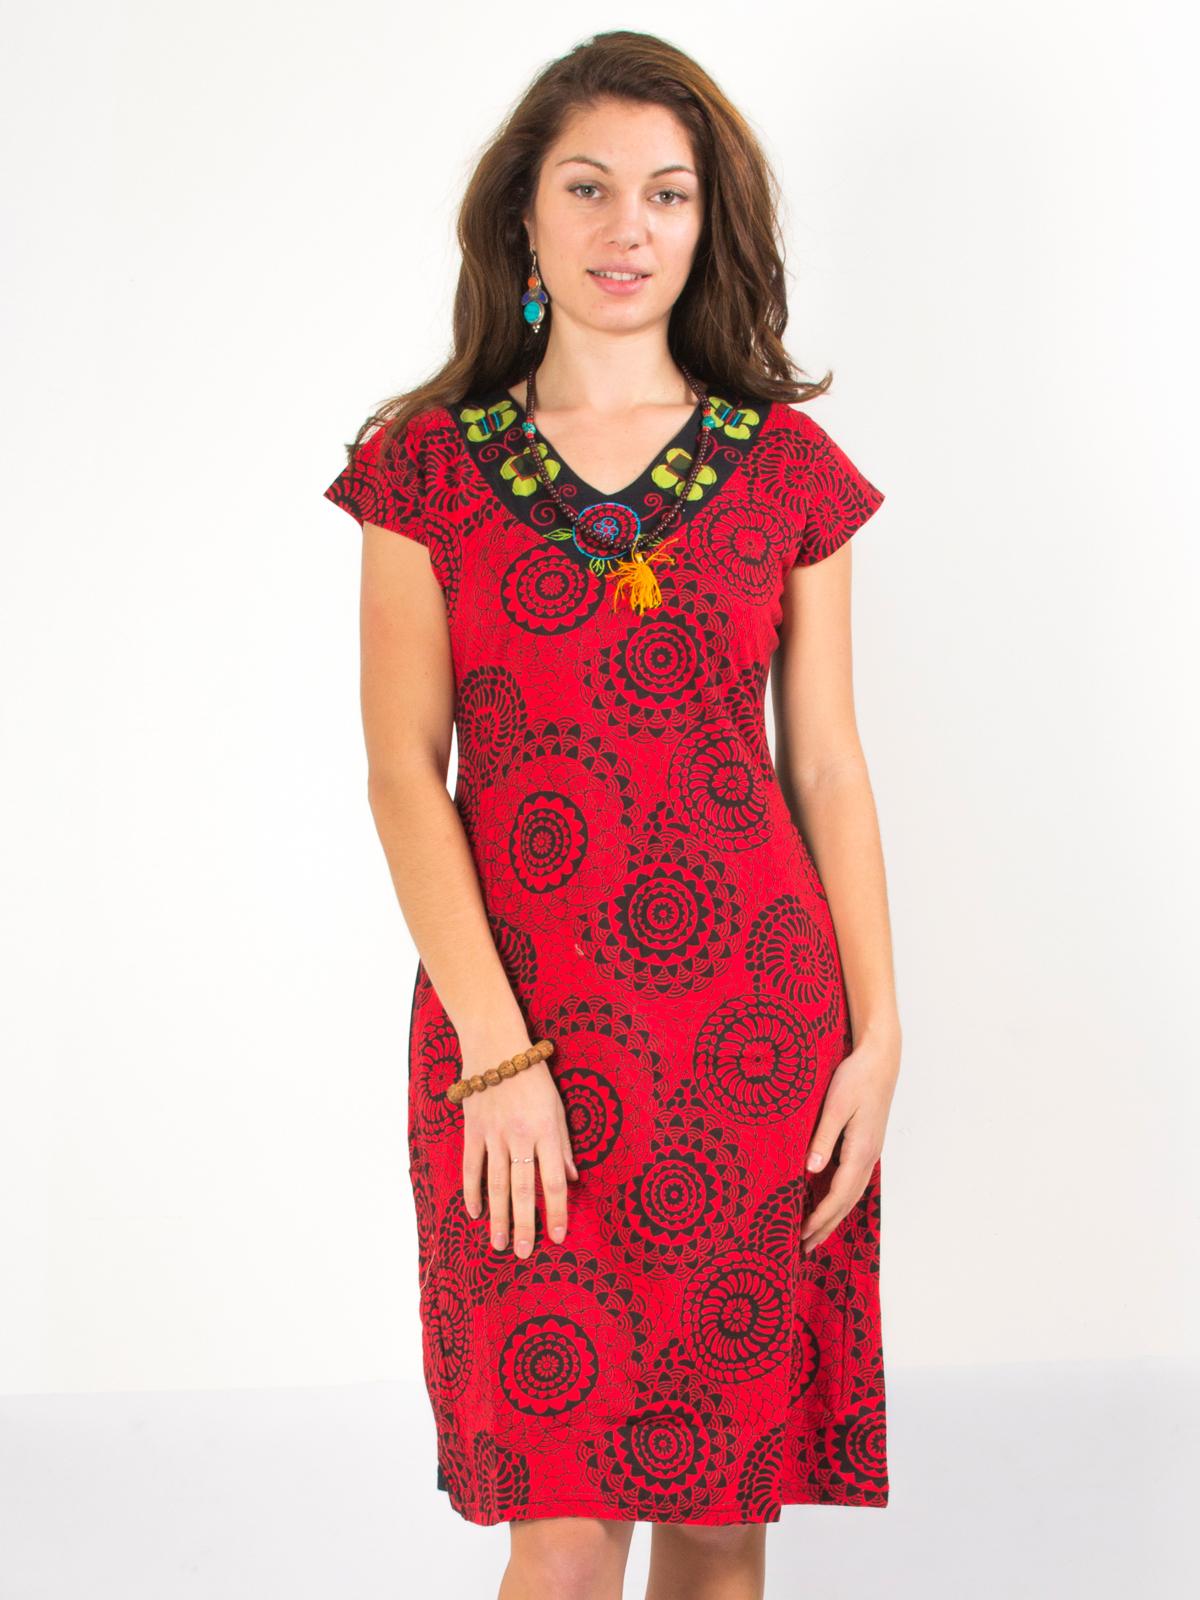 32884e65599 Boutique vêtements grande taille ethnique chic pas cher